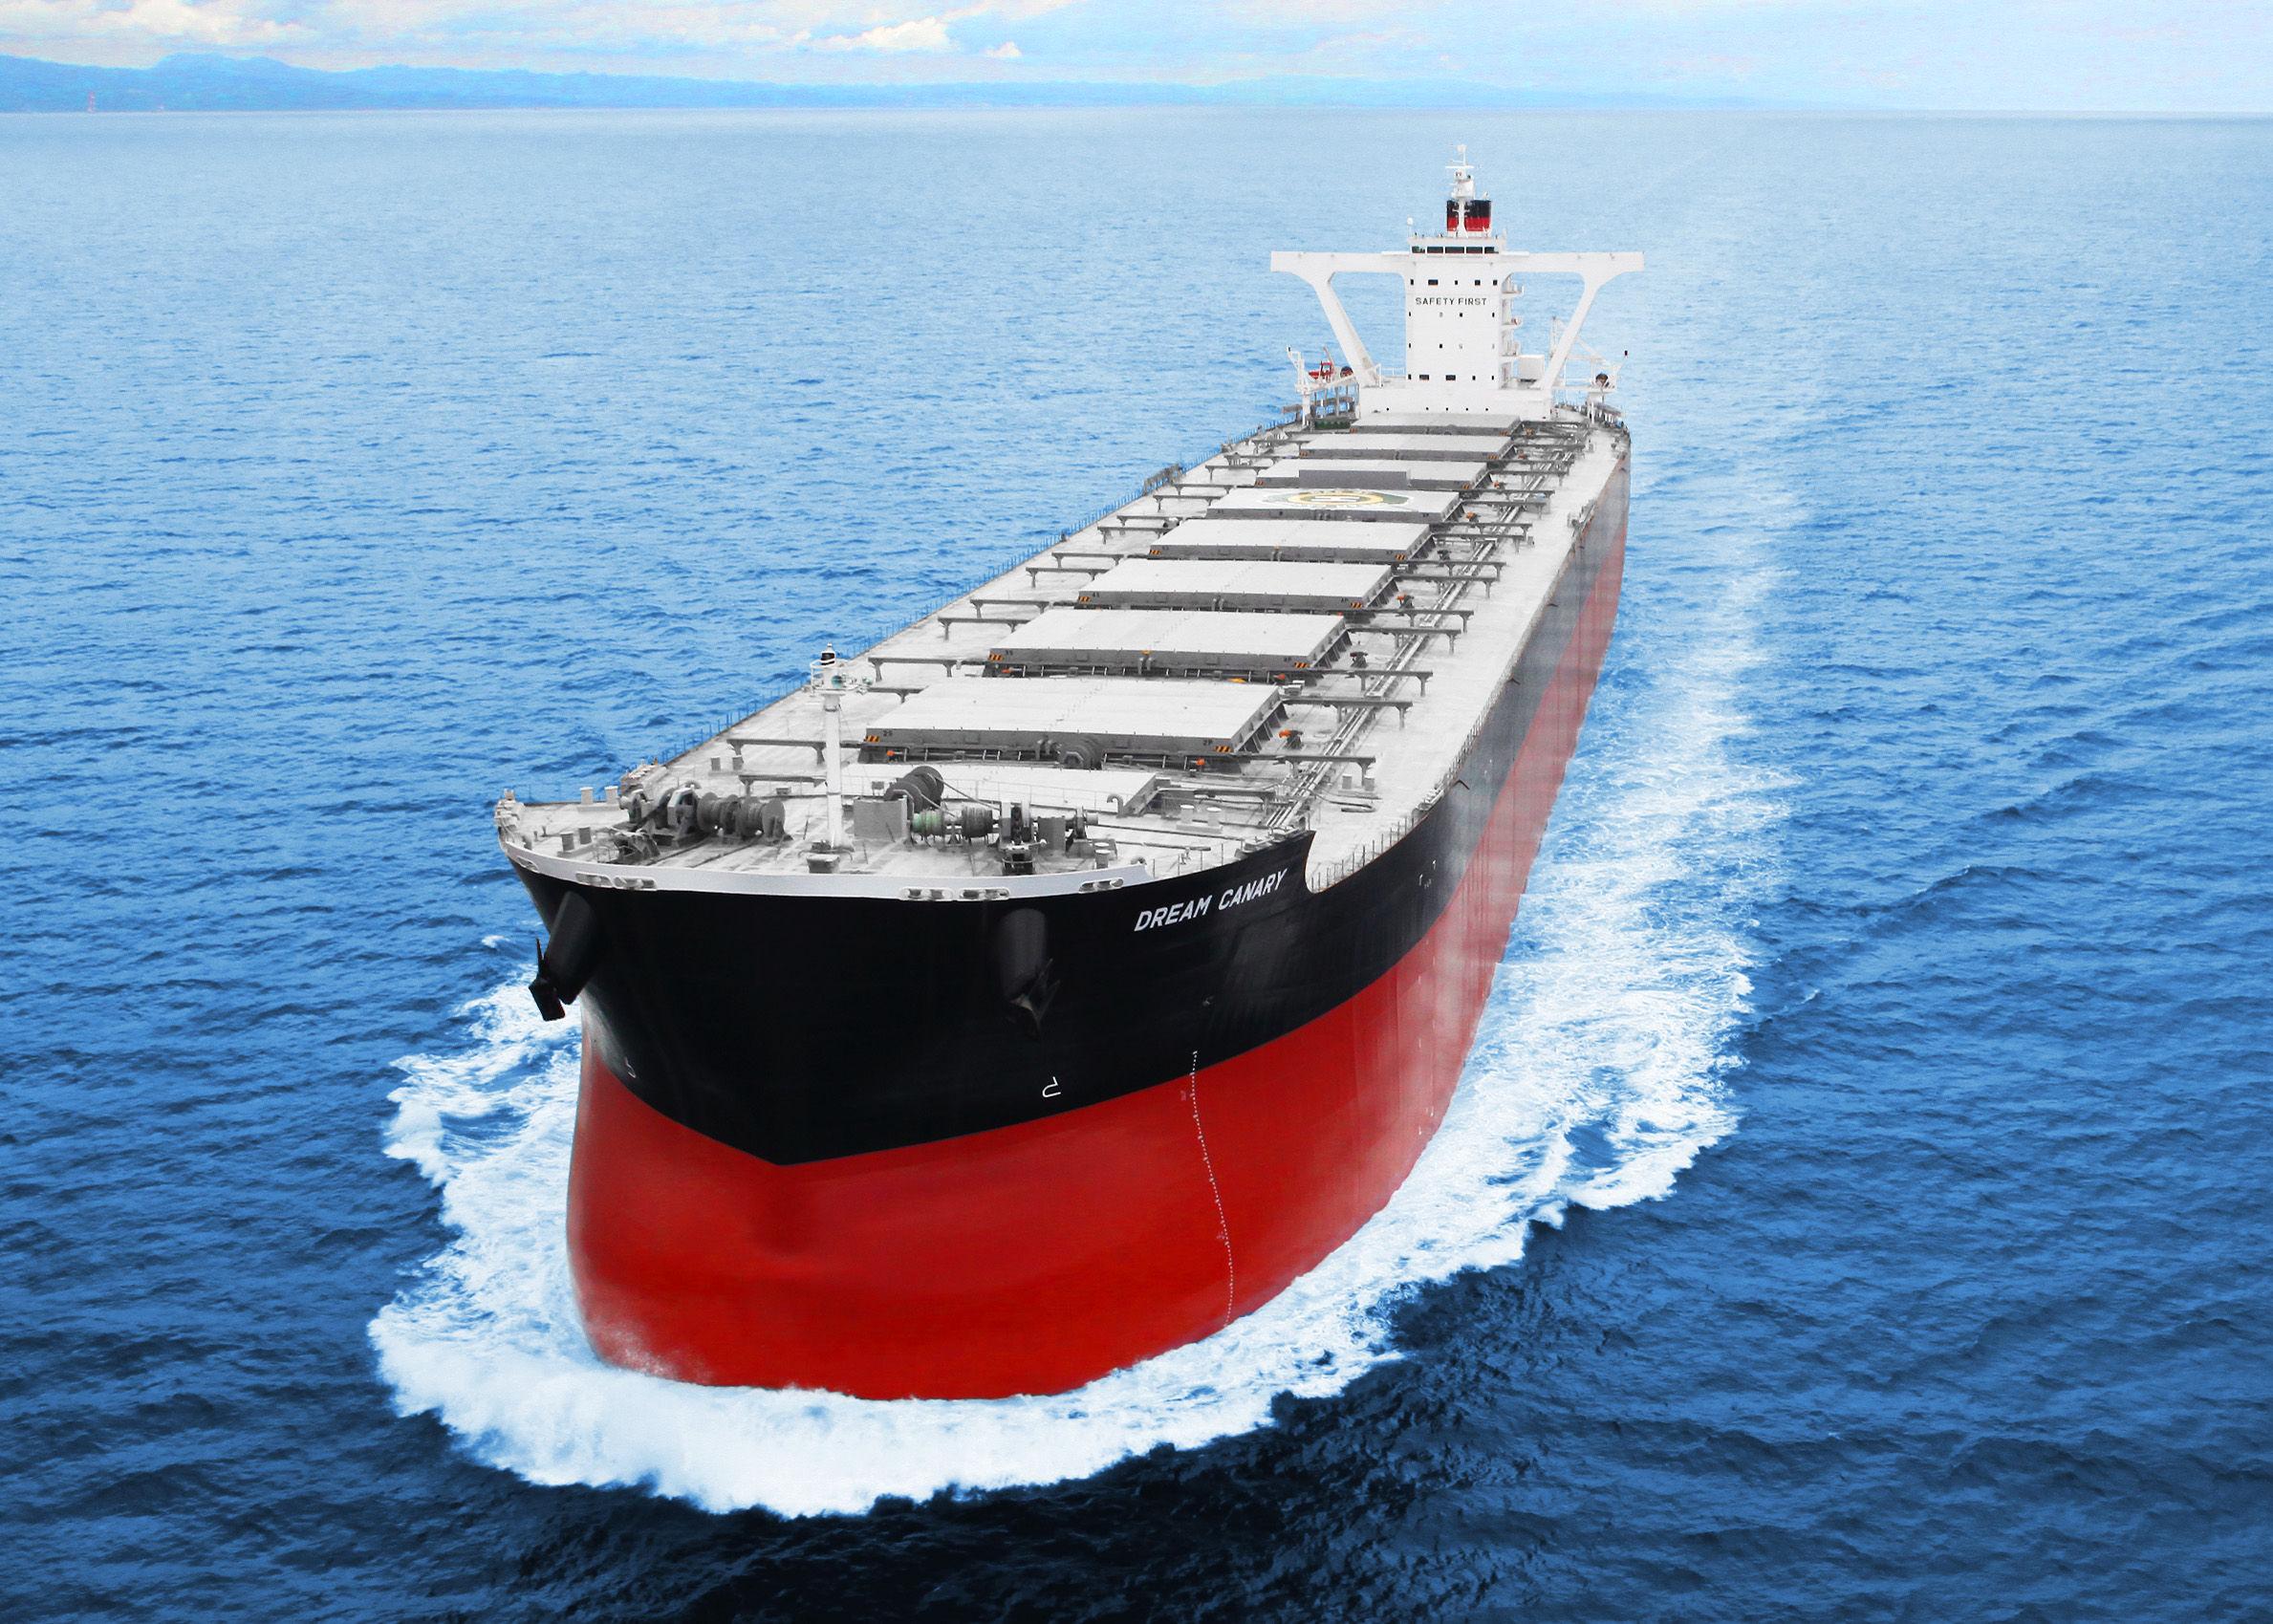 《联合国2018海运报告》透露出的五大航运趋势(附完整报告下载)